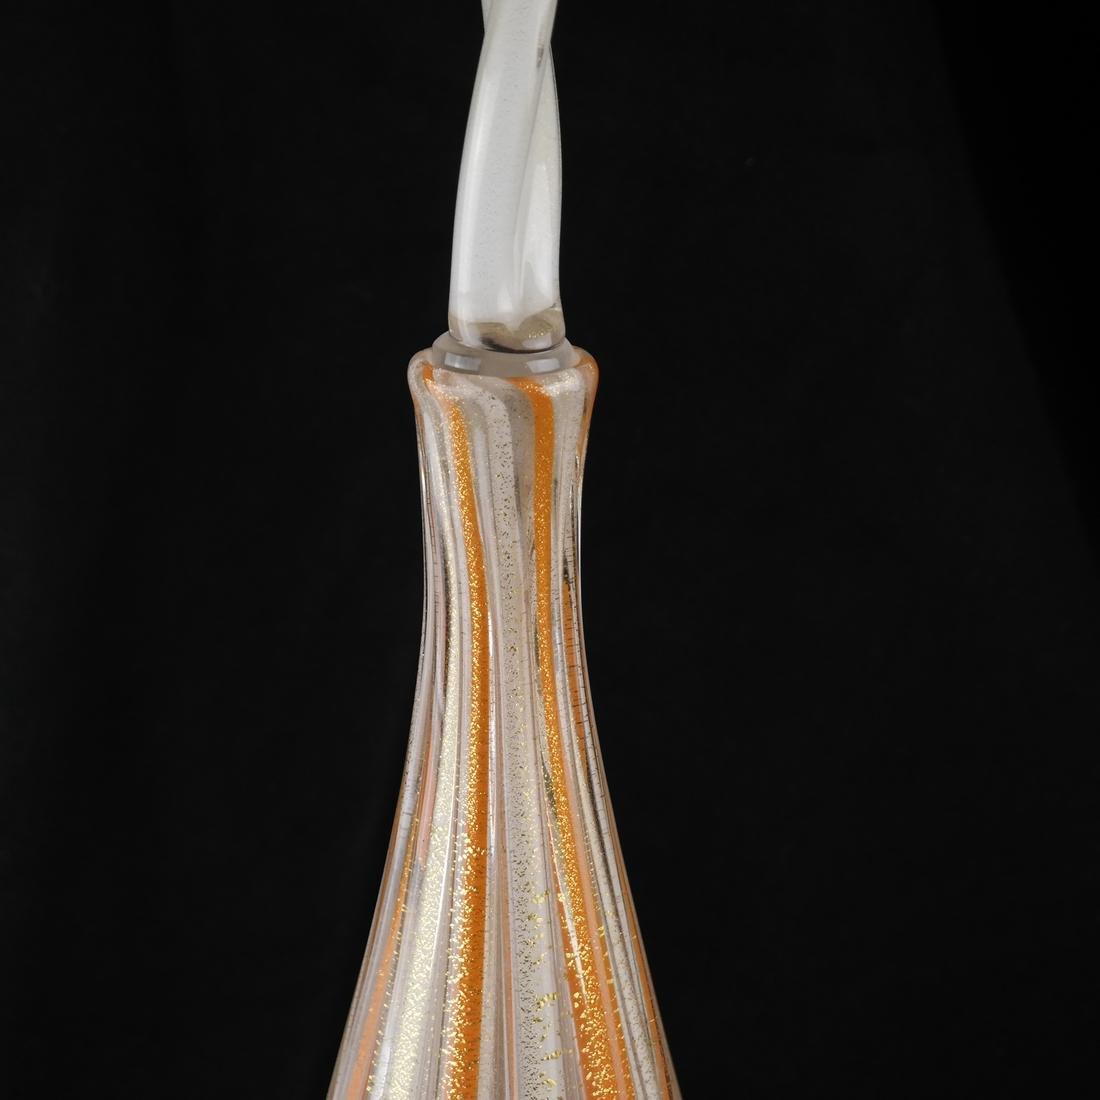 Venini-Style Glass Decanter & Stopper - 4